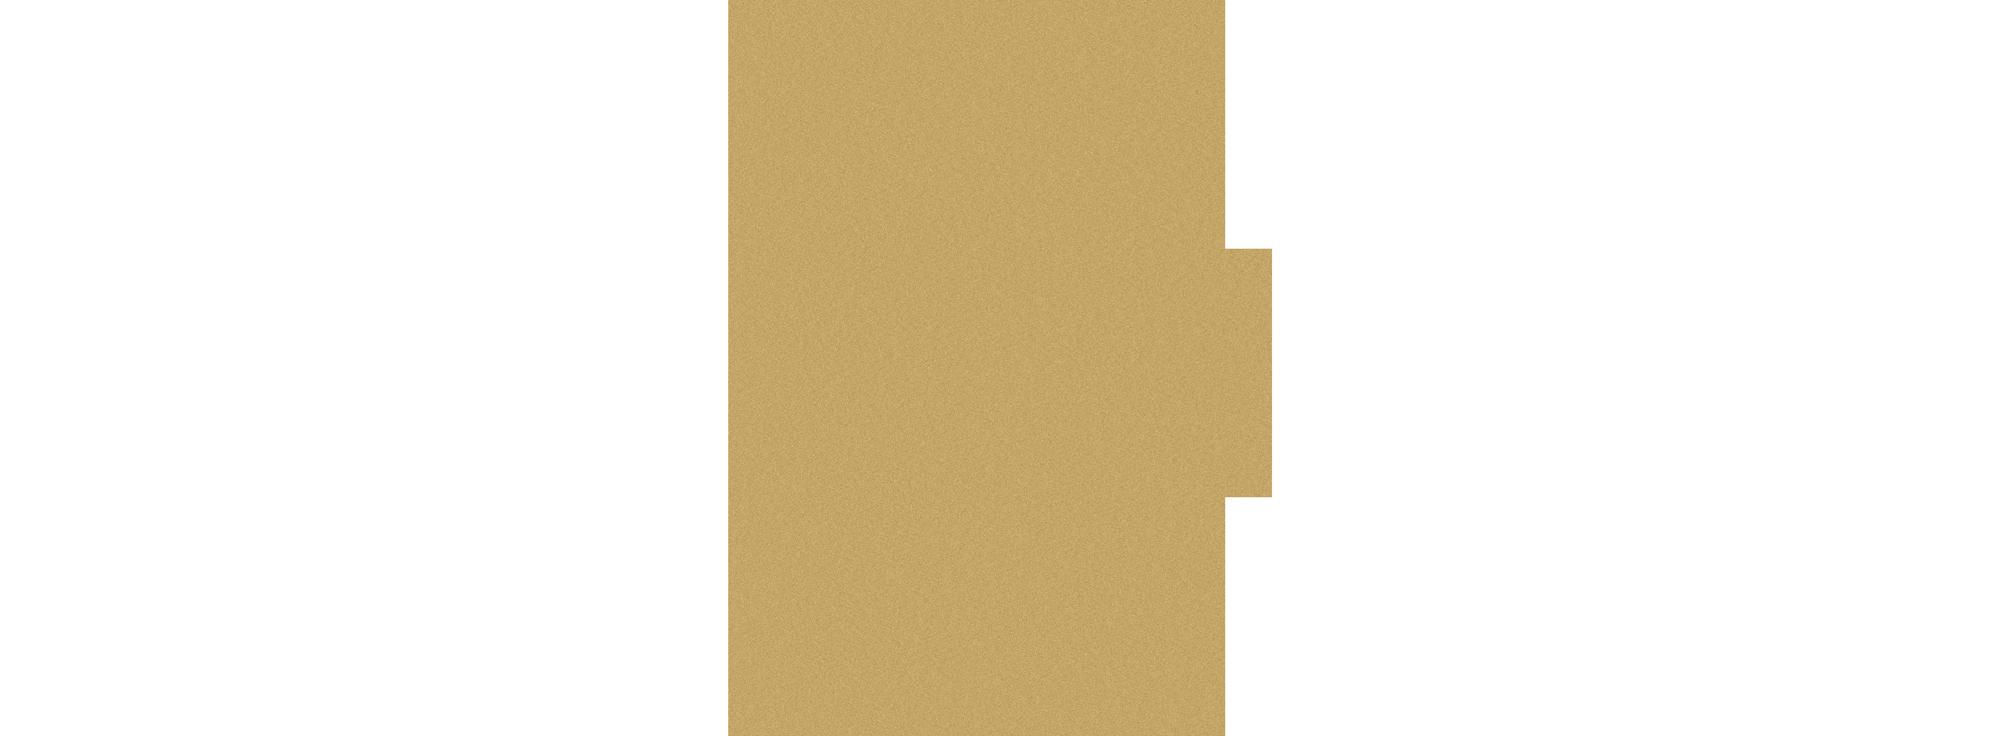 leaf-photo.png